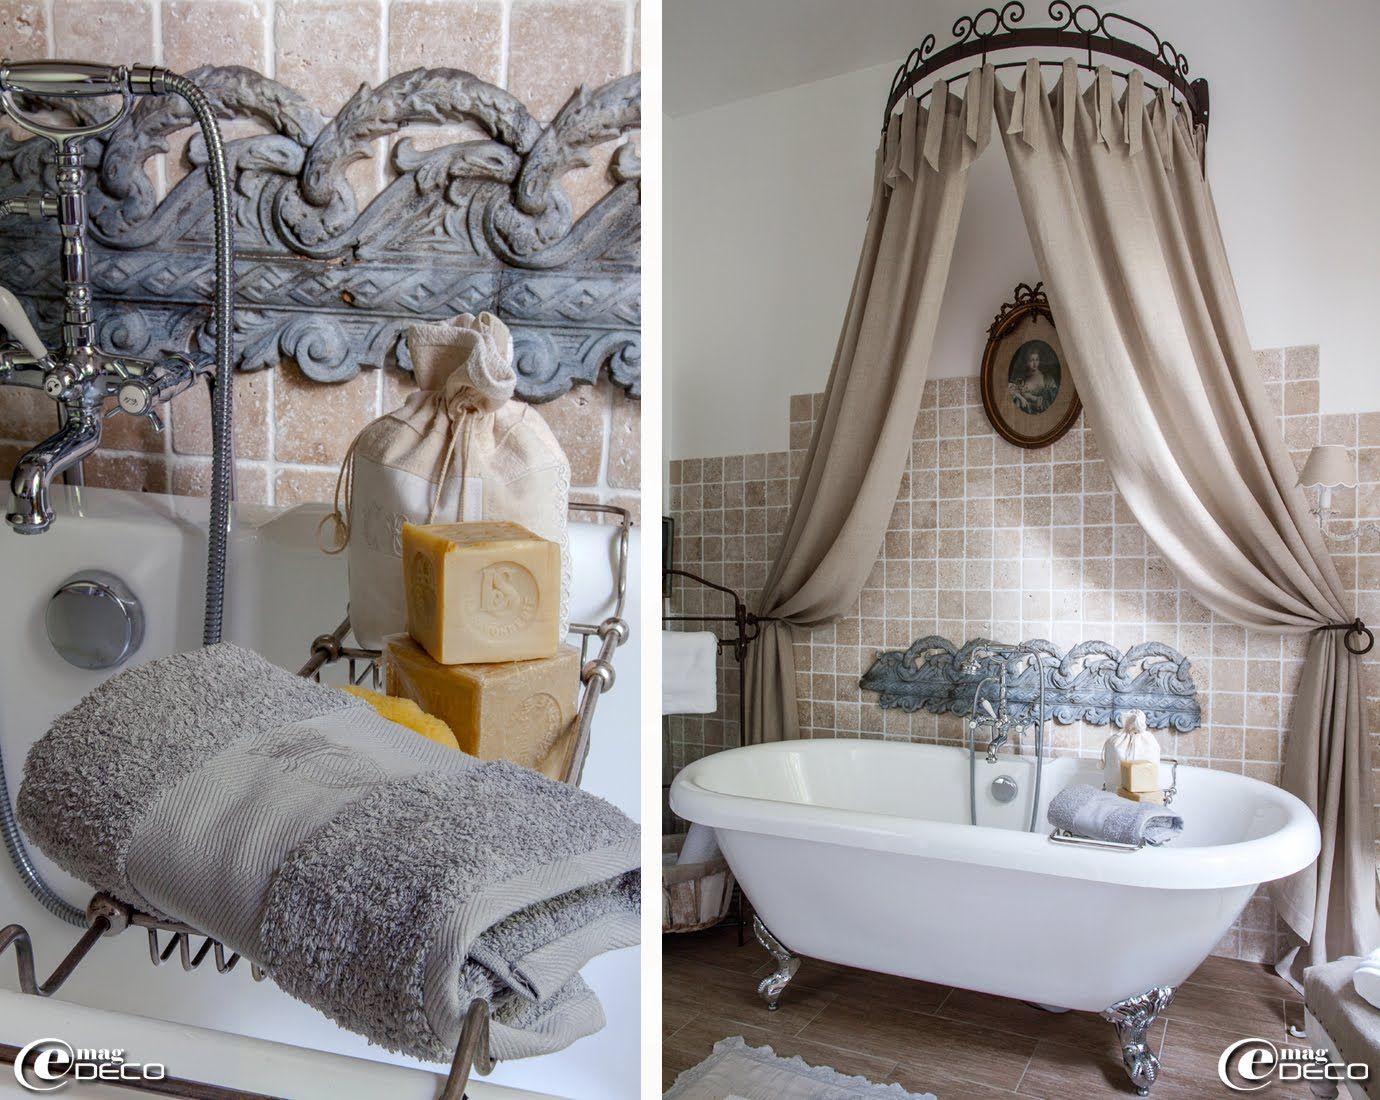 Ciel de lit et porte serviette en fer forg 39 comptoir de - Porte serviette salle de bain leroy merlin ...